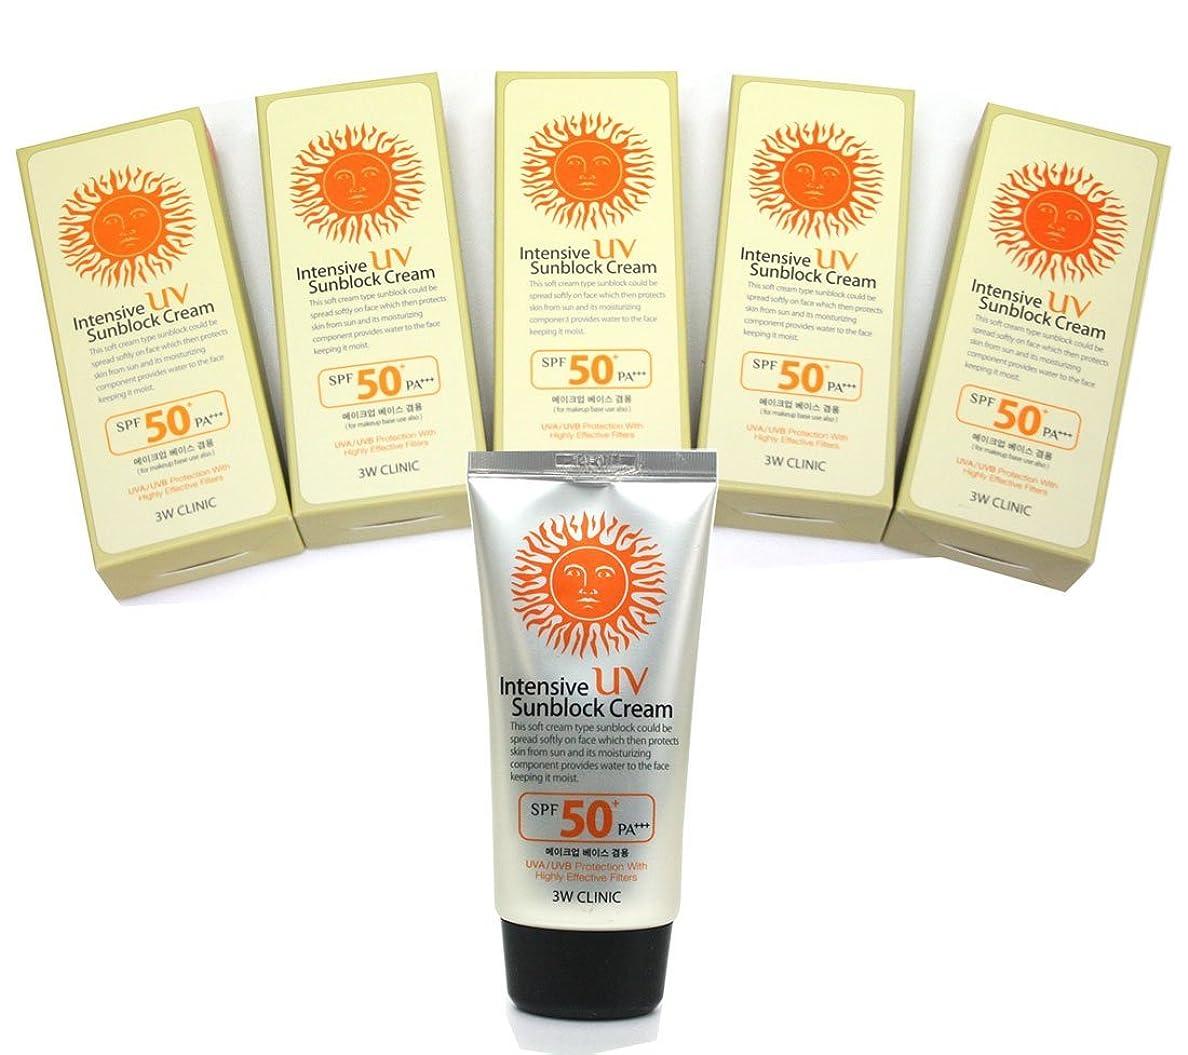 キャンセル侮辱粘液[DODO 3w Clinic] インテンシブUV日焼け止めクリームSPF50 PA+++ 70ml * 5ea / Intensive Uv Sunblock Cream SPF50 PA+++ 70ml * 5ea / 補うベース使用 / For Make up Base Use Also / 韓国化粧品 / Korean Cosmetics [並行輸入品]